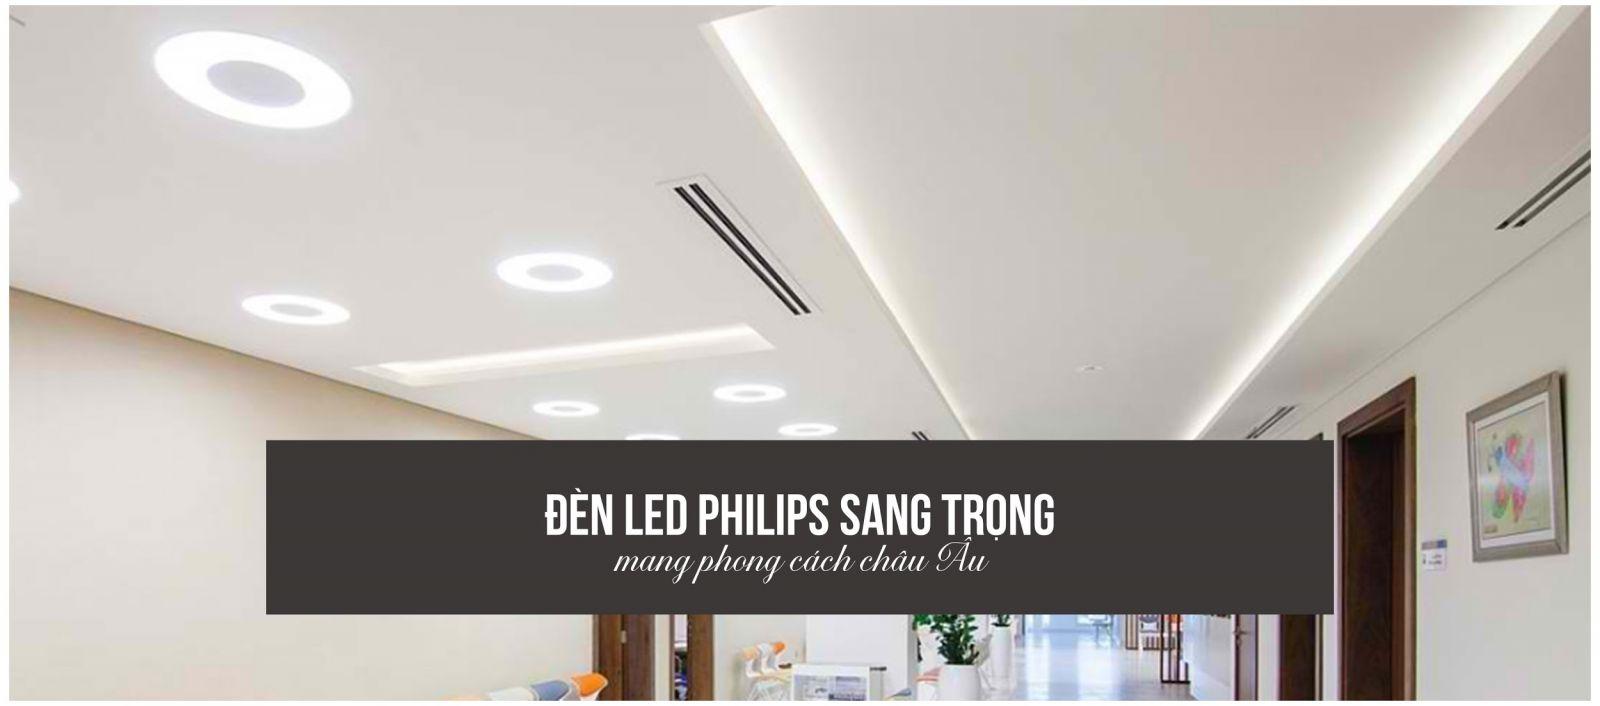 Đèn LED Philips mang phong cách châu Âu vào ngôi nhà bạn